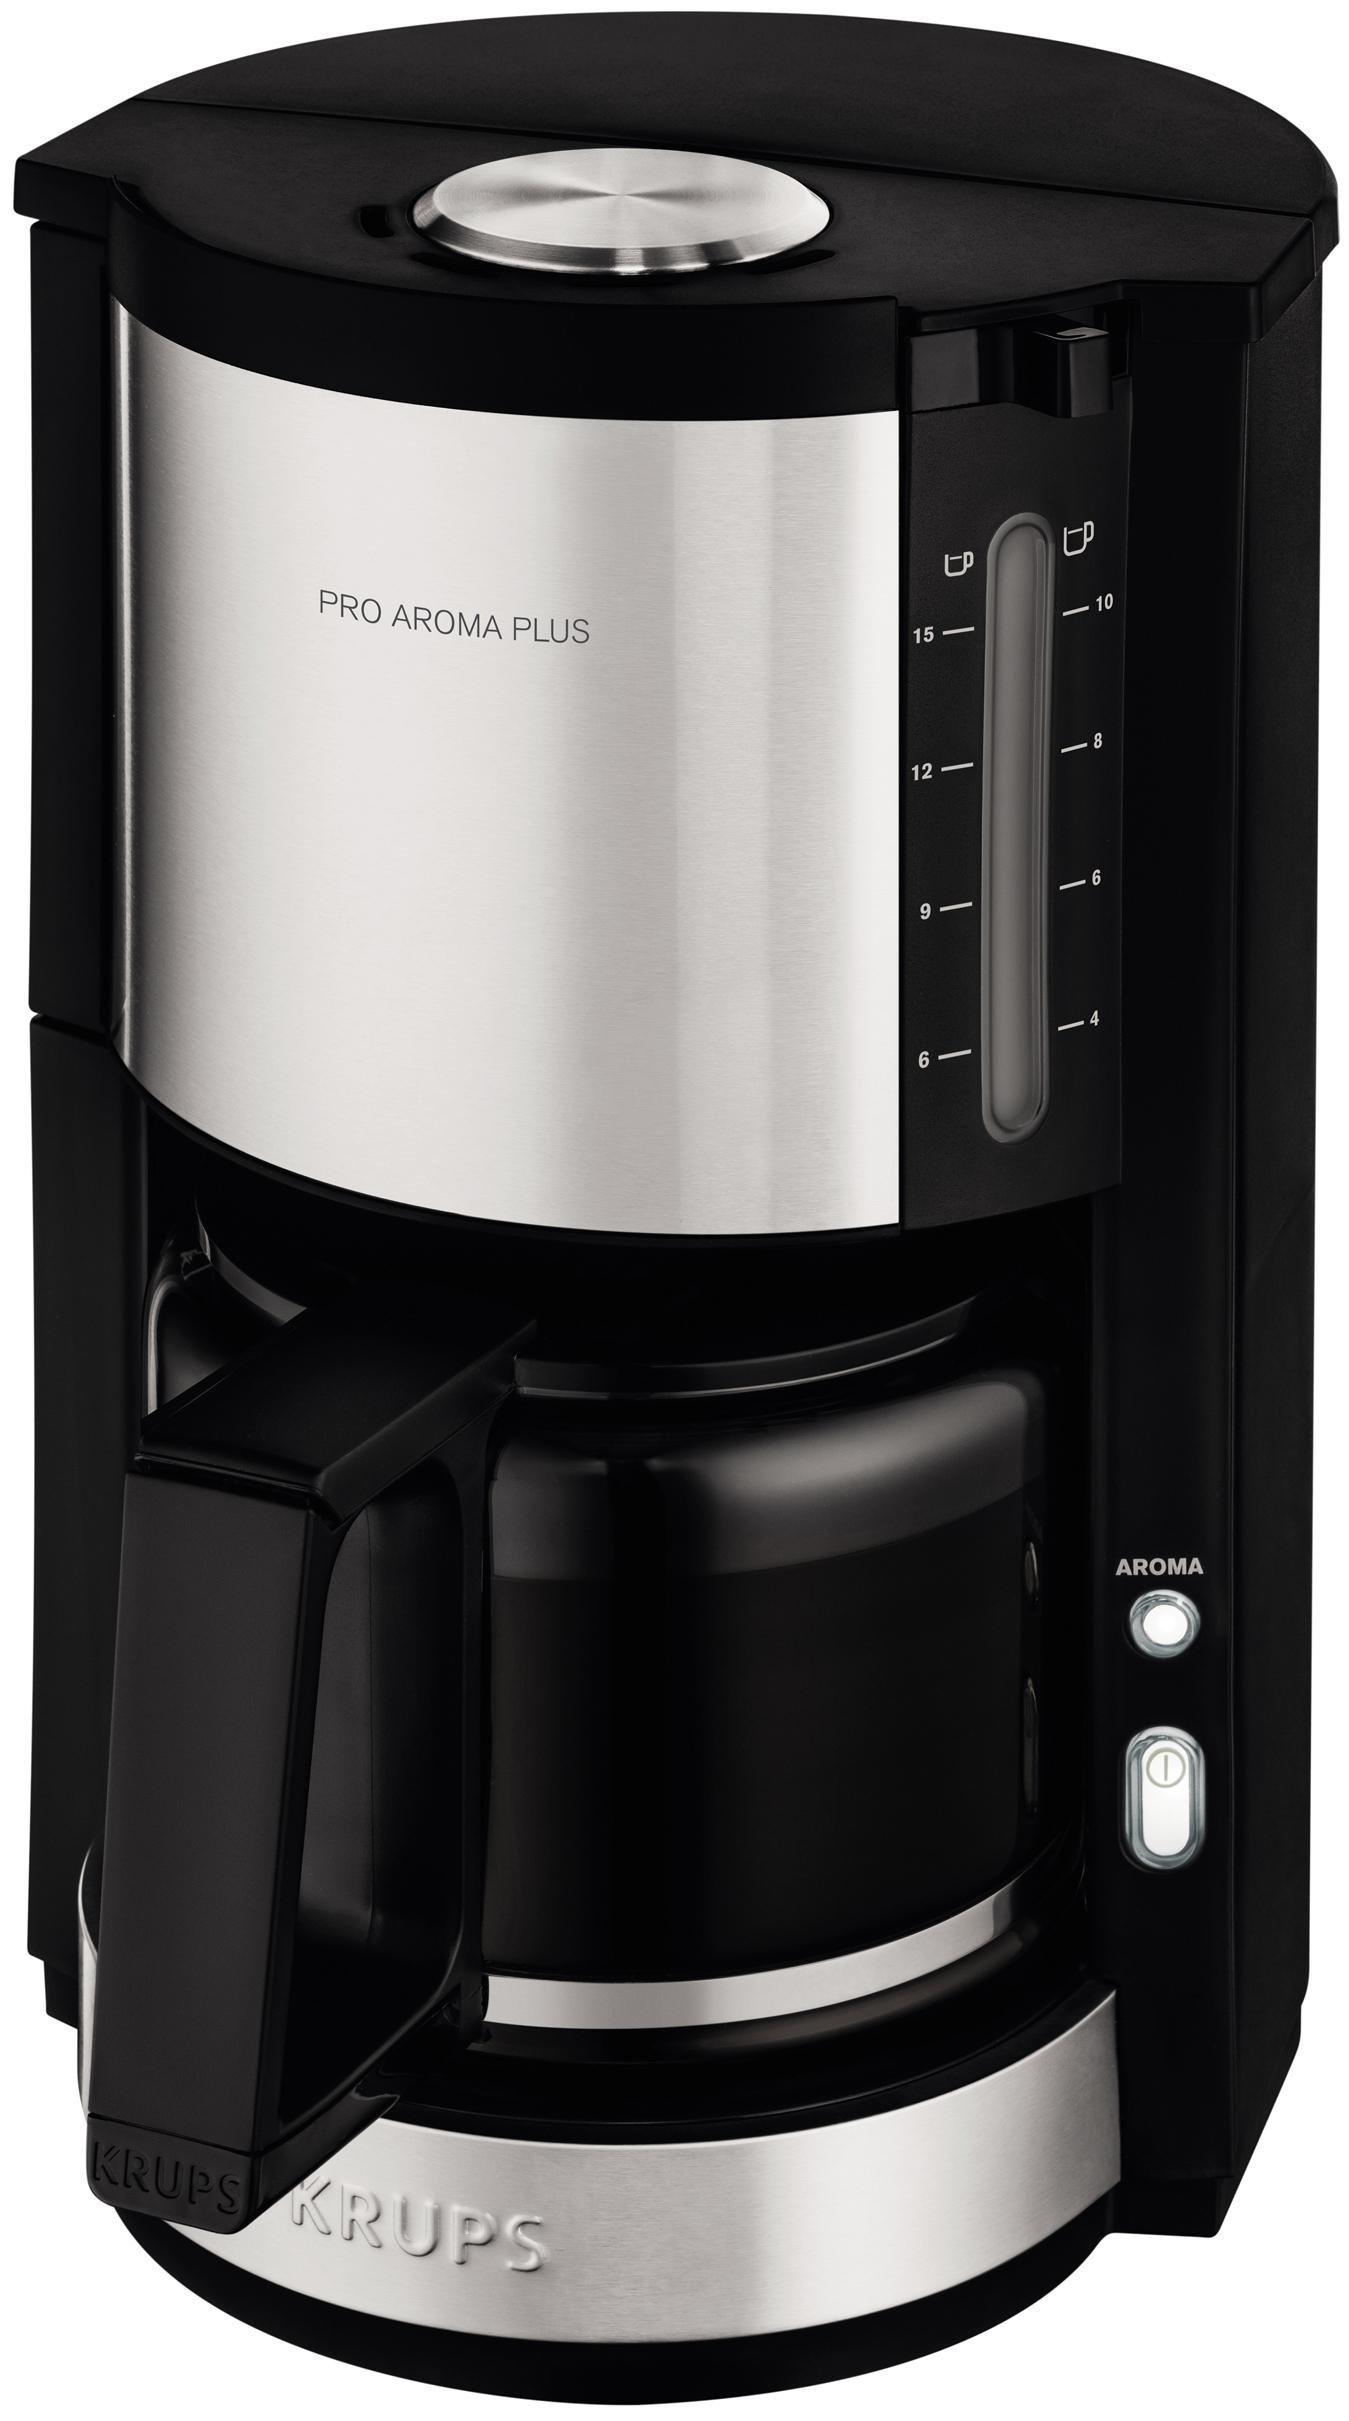 Krups Koffiezetapparaat ProAroma Plus KM321, met glazen kan, edelstaal/zwart nu online kopen bij OTTO